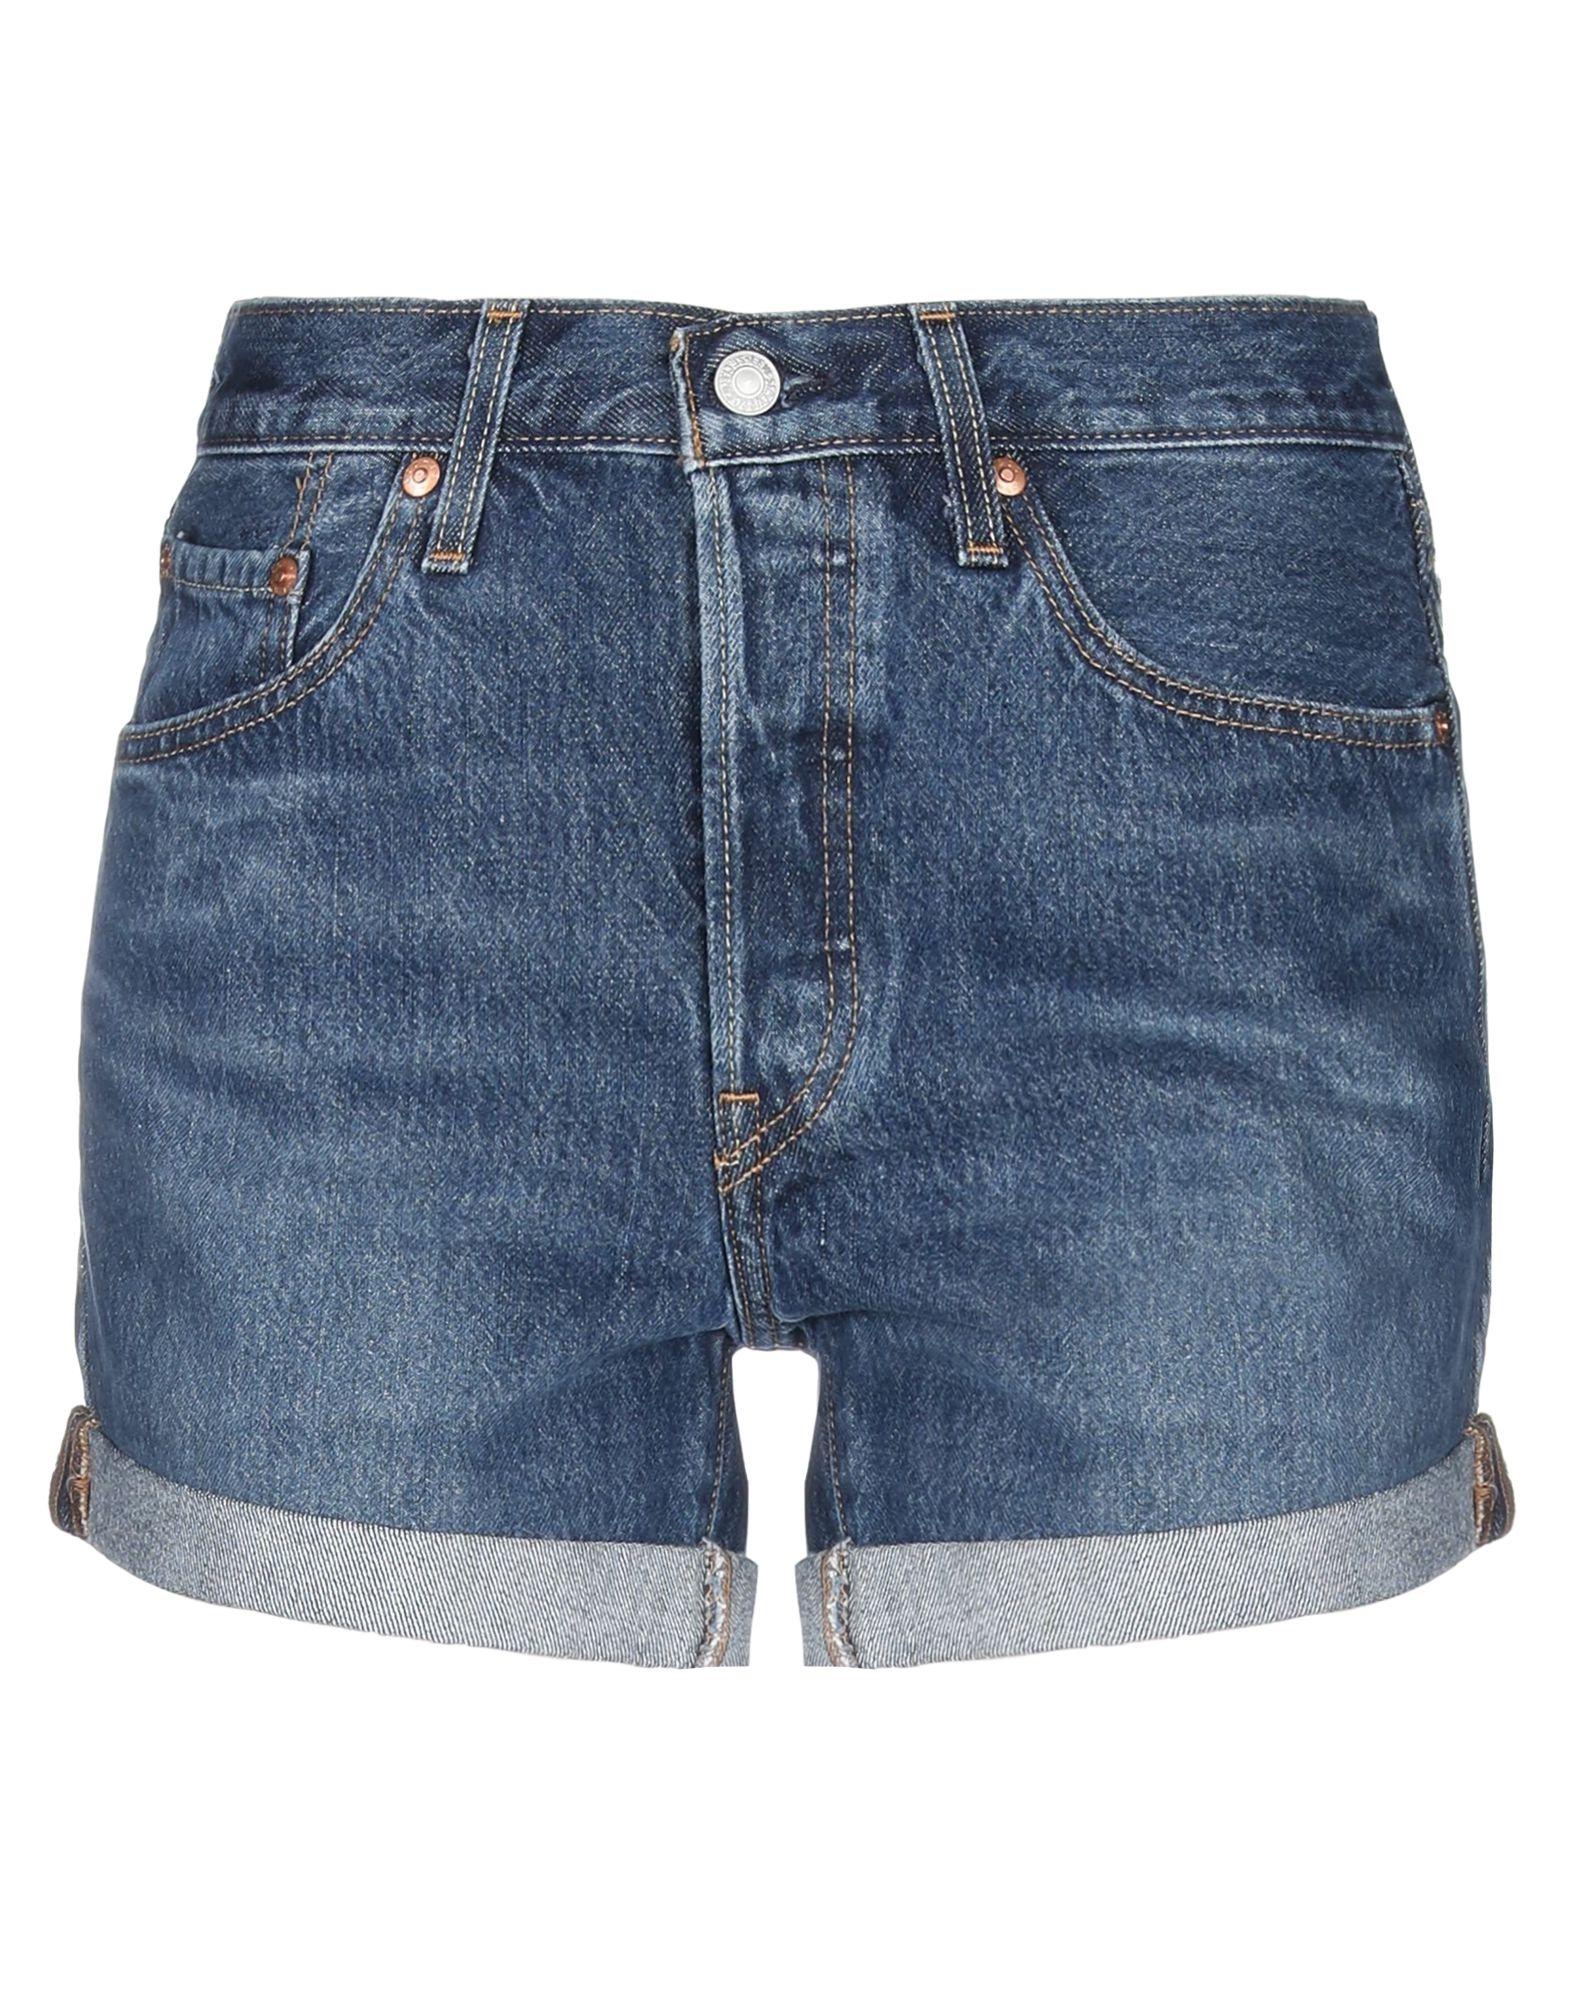 LEVI' S Джинсовые шорты джинсы женские levi s® 501 skinny цвет темно синий 2950200330 размер 27 30 44 30